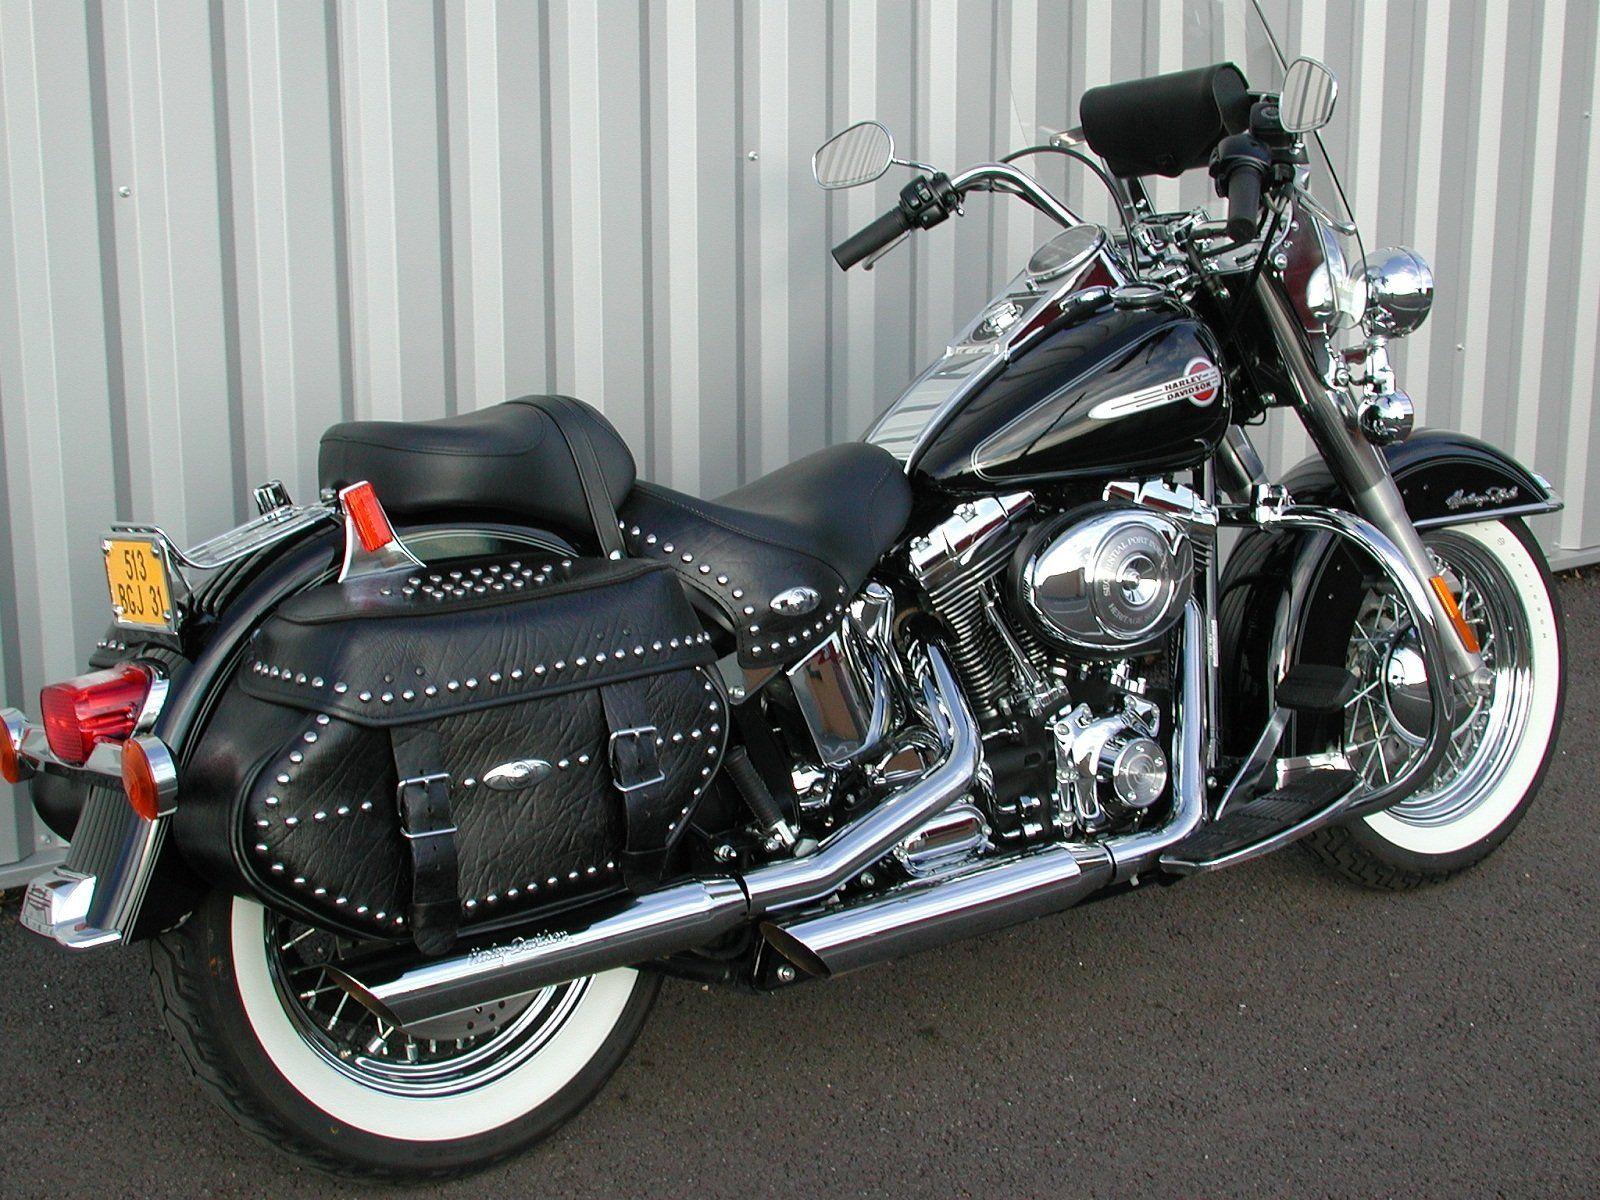 Imagenes De Motos Harley: Motos De Alto Cilindraje